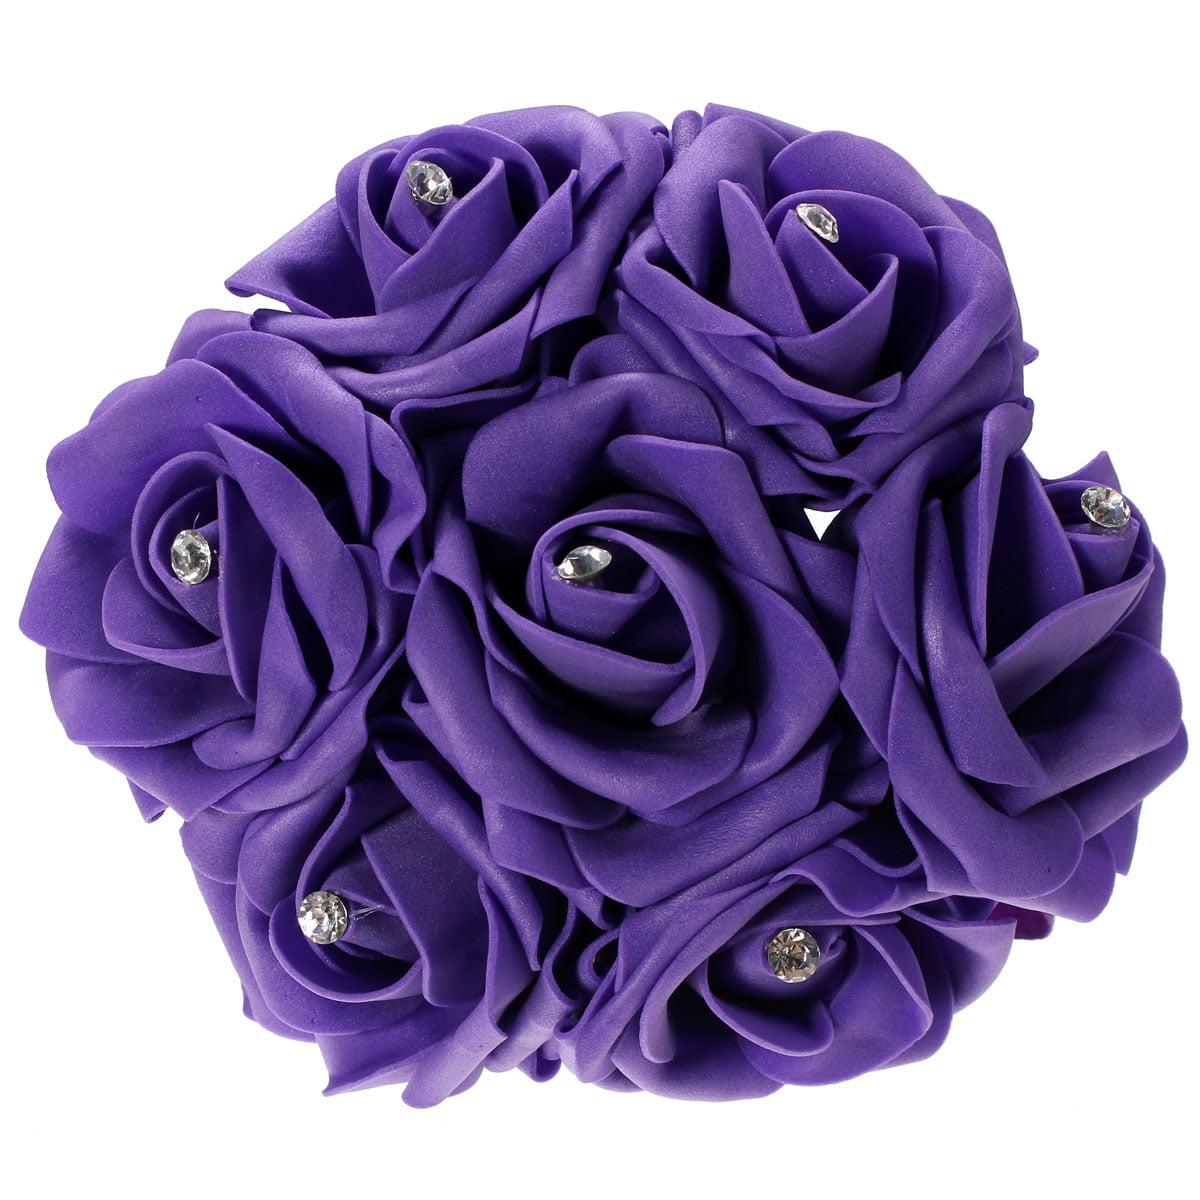 7PCS Artificial Foam Flower Rose Craft Bridal Bride Bouquet Wedding Party Decor